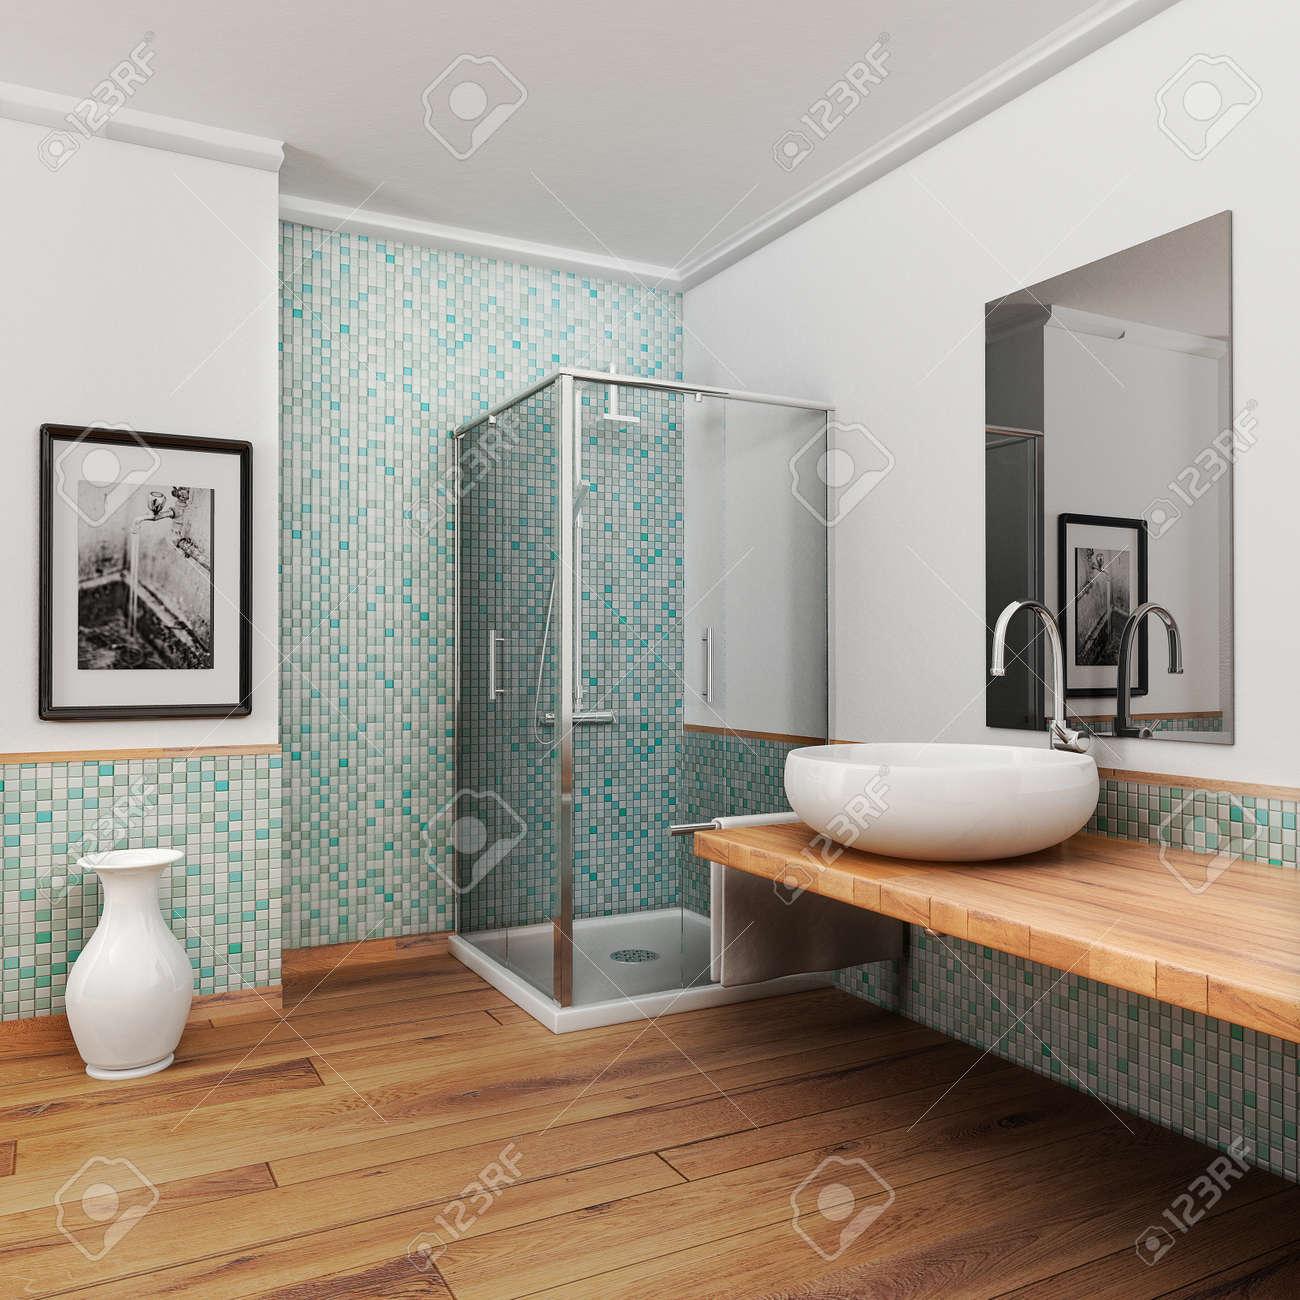 Grosses Badezimmer Mit Holzboden Und Vintage Mosaik Hellblau Und Grun